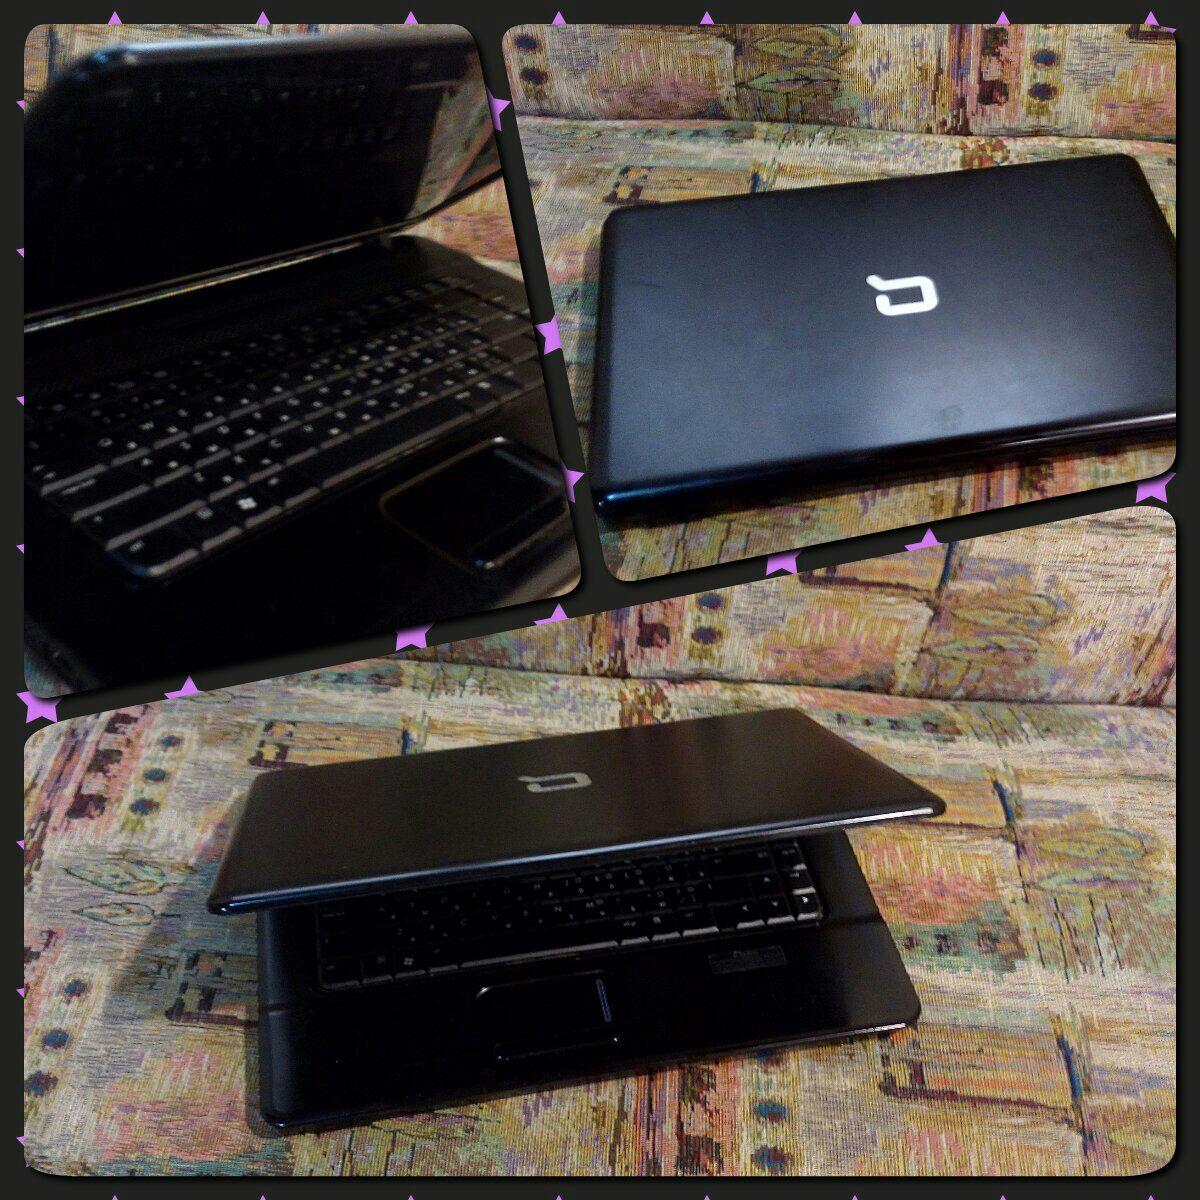 HP-Compaq 610 <br />\\r\\nPro:Dual Core <br />\\r\\nRam:4GB <br />\\r\\nHdd:320GB <br />\\r\\nVga:1GB <br />\\r\\nScreen:15...